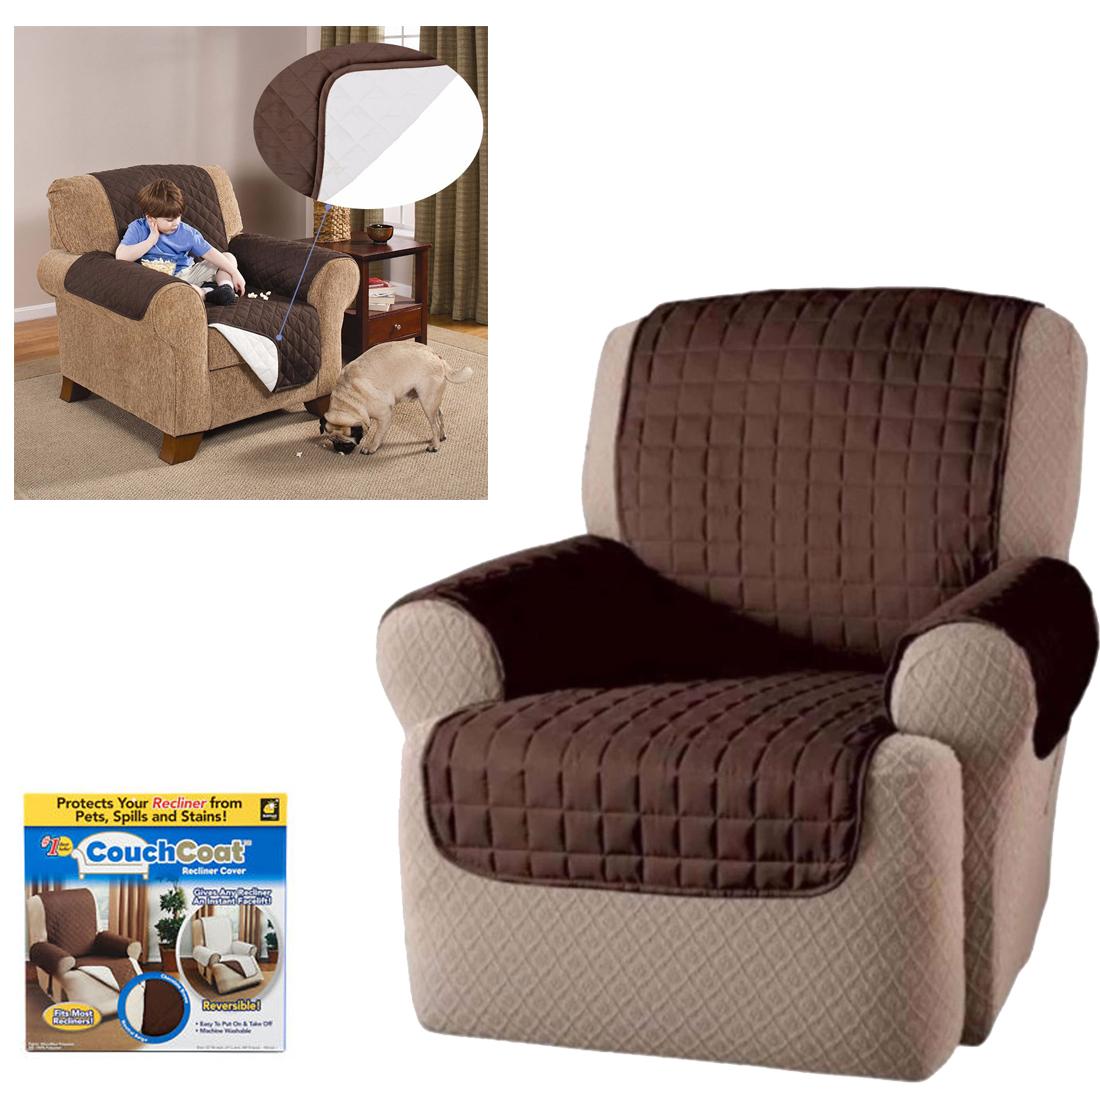 Couch coat poltrona copertura proteggi divano per cane gatto copripoltrona ebay - Gatto divano microfibra ...